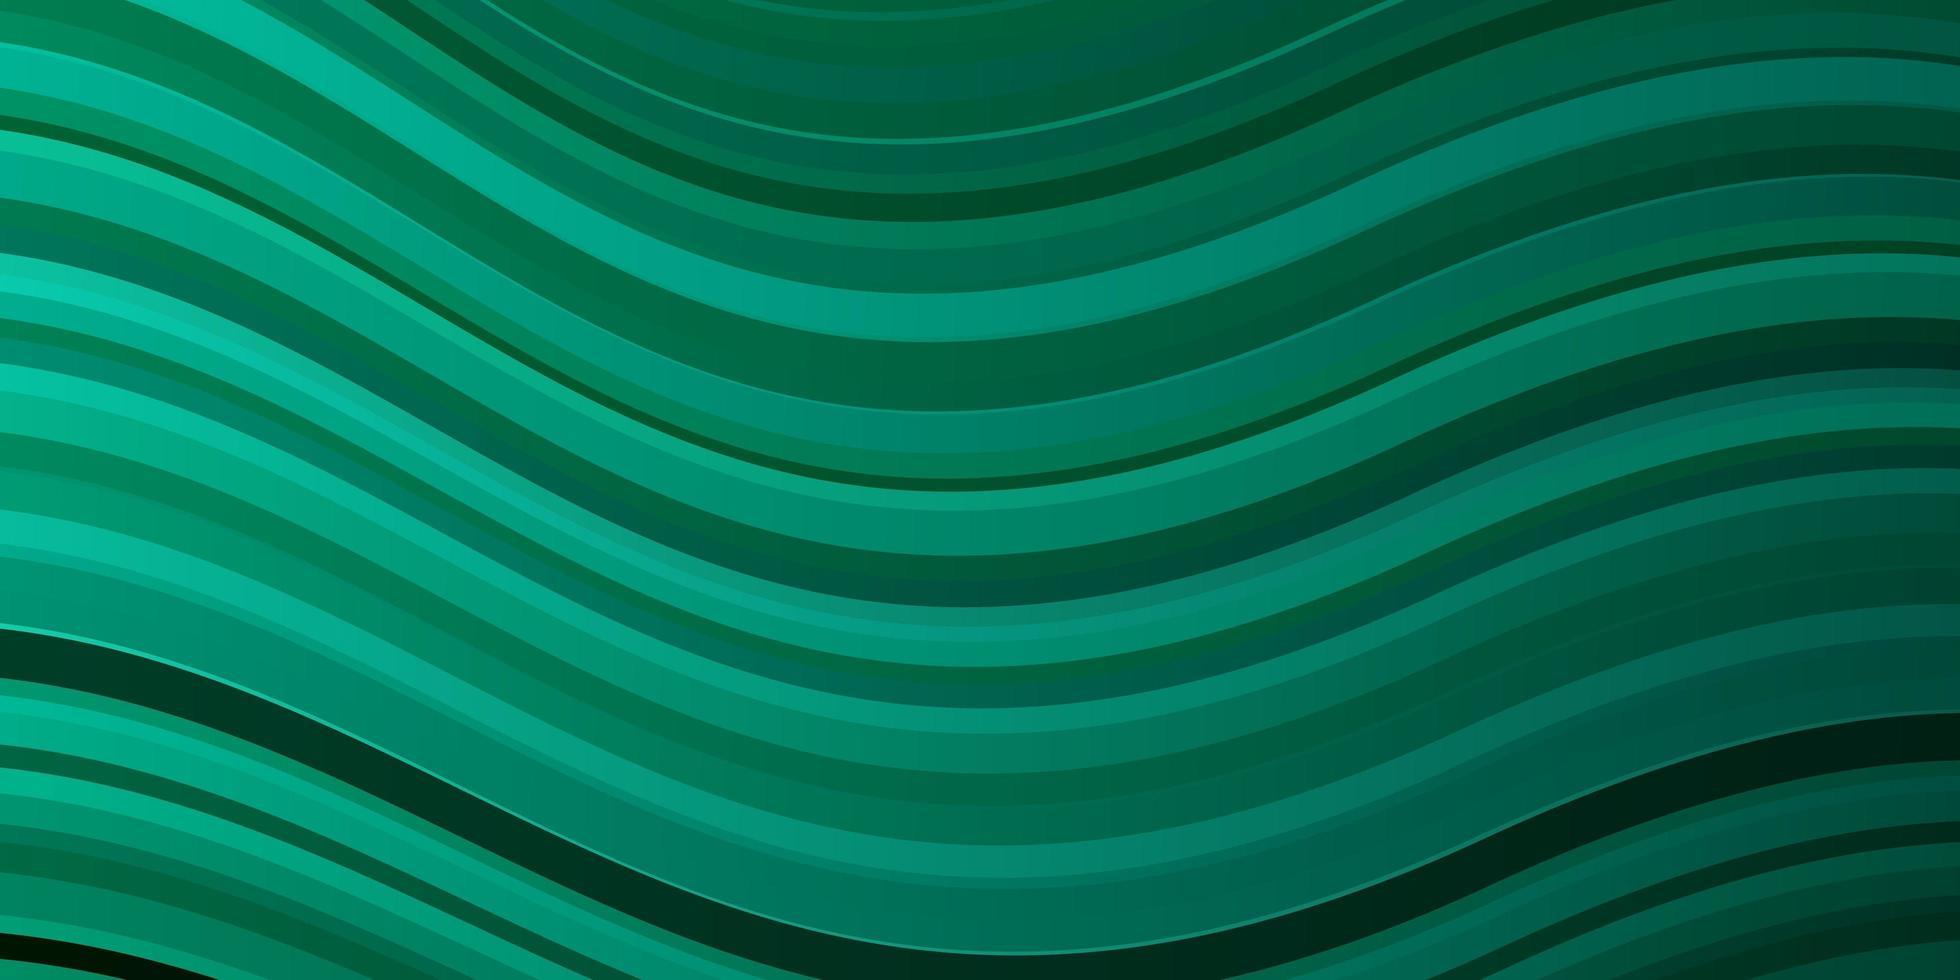 fundo verde claro com arcos. vetor